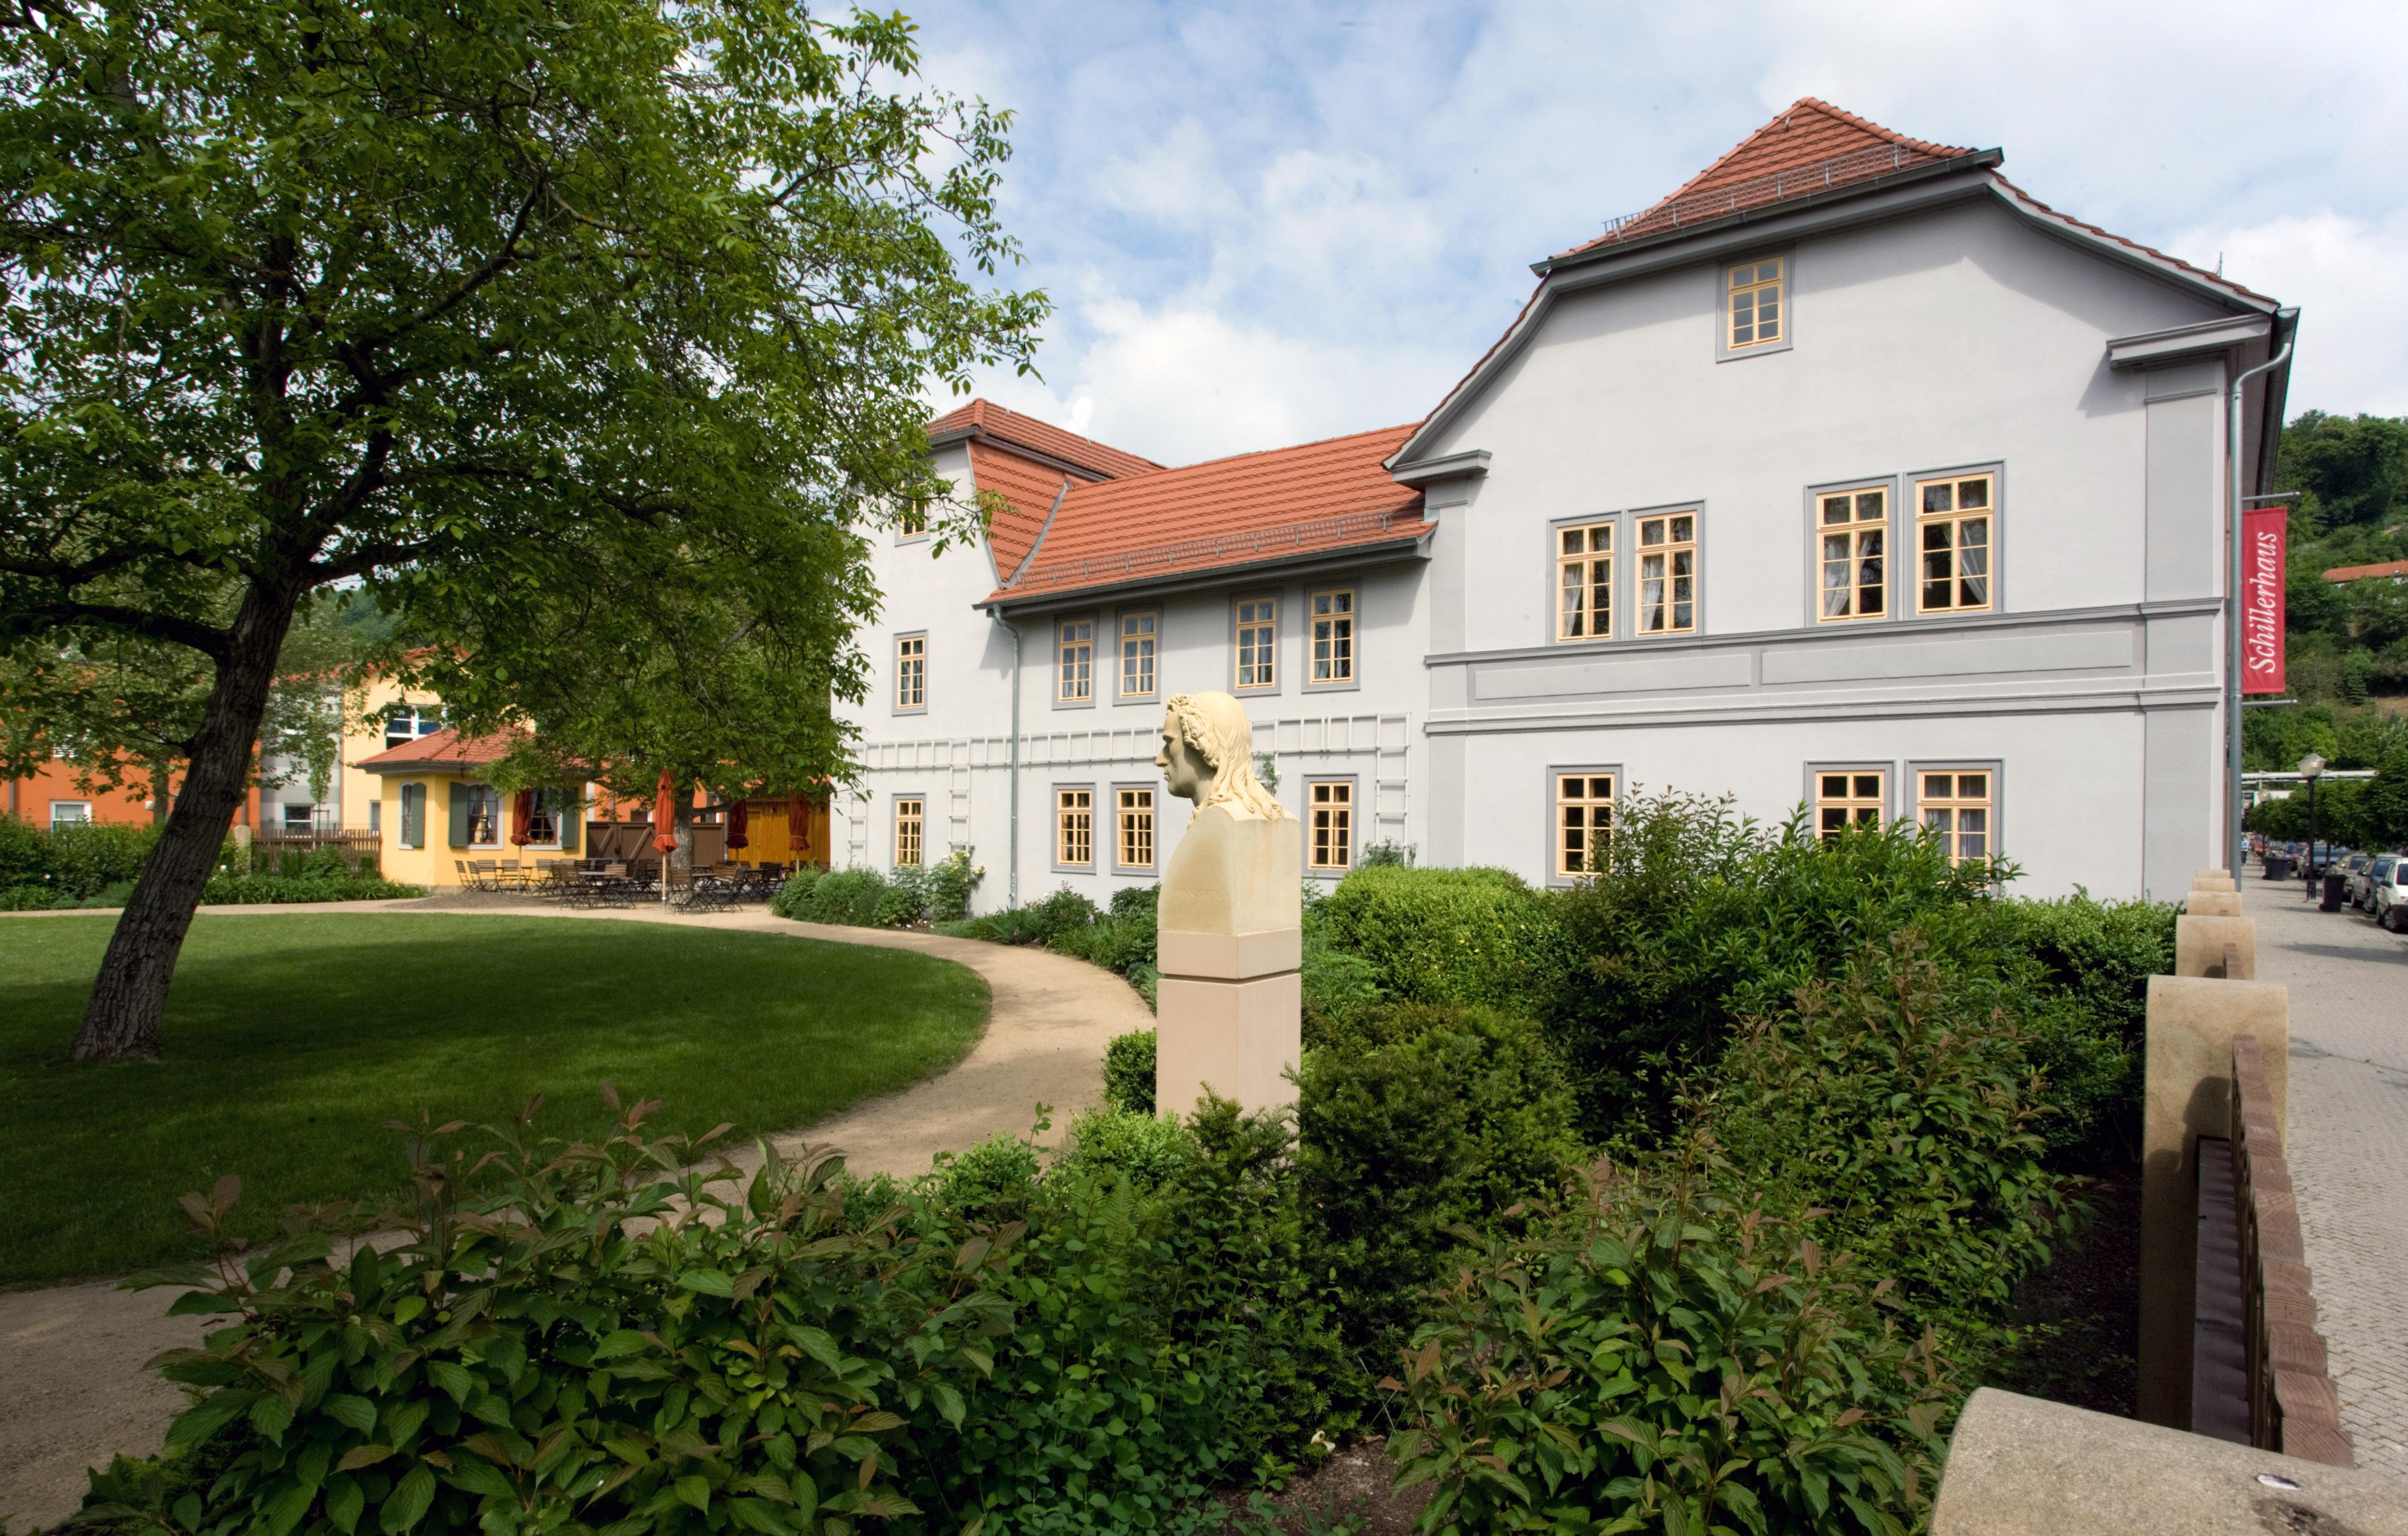 Gartenseitige Ansicht eines blauverputzen zweistöckigem Museumsgebäudesmit Schiller-Büste.